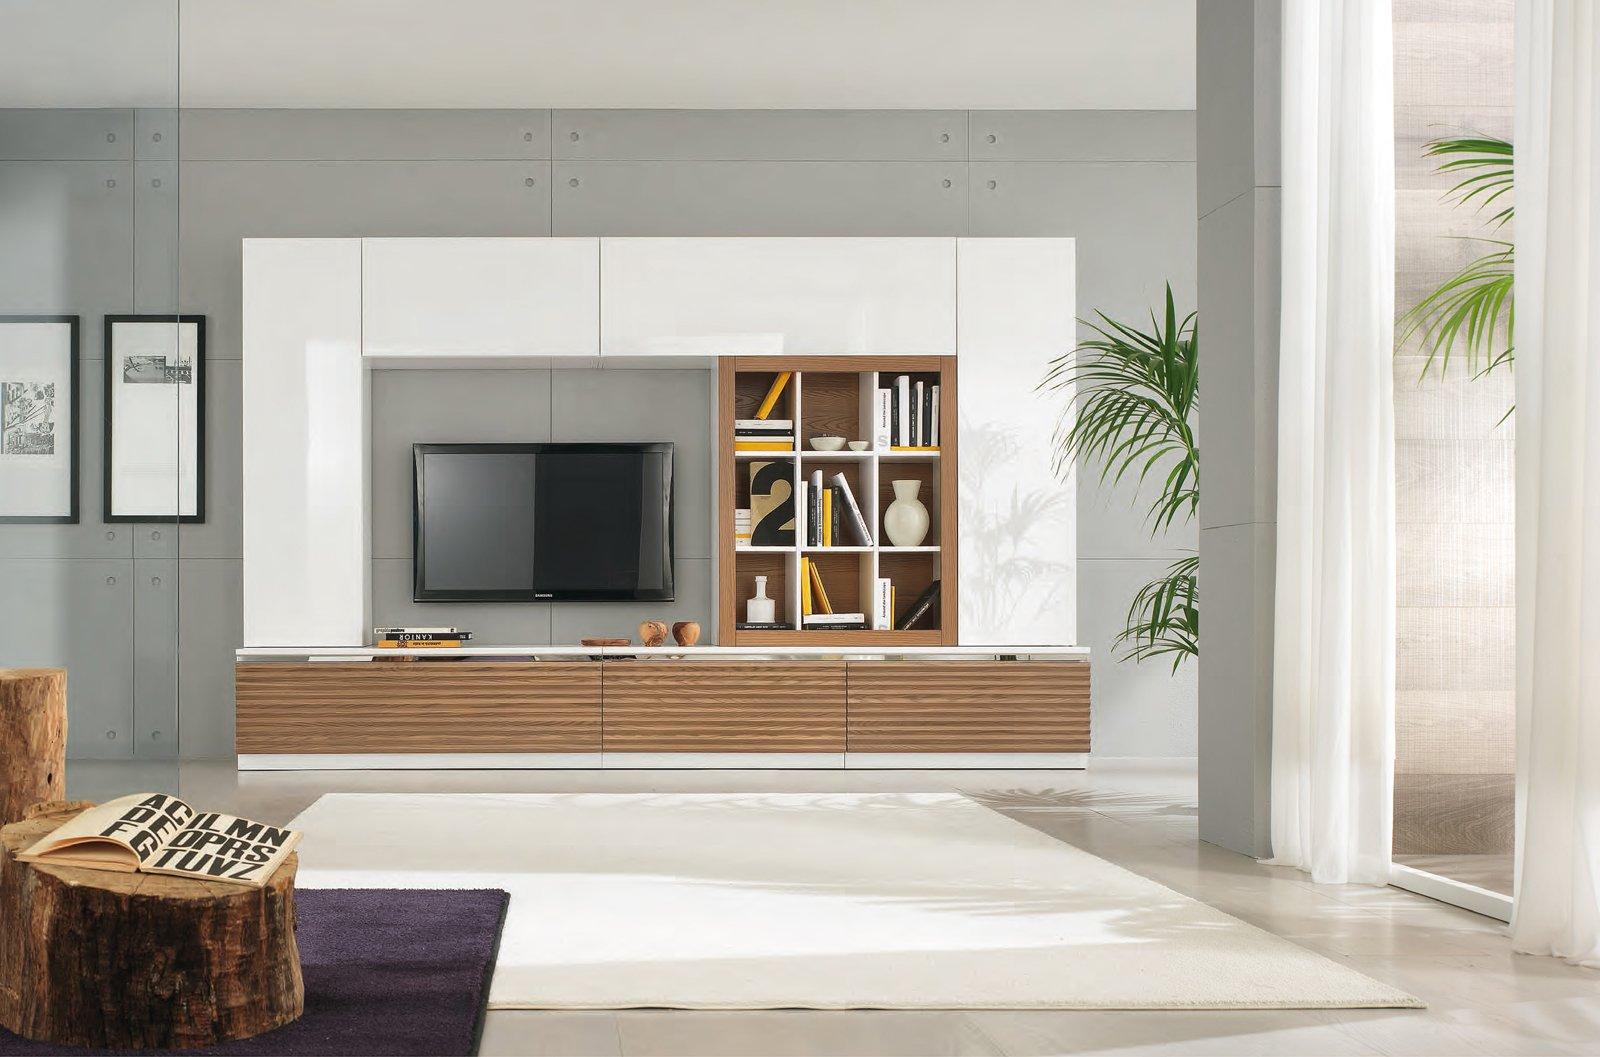 Casa moderna roma italy mobili divisori per soggiorno - Mobili particolari per soggiorno ...